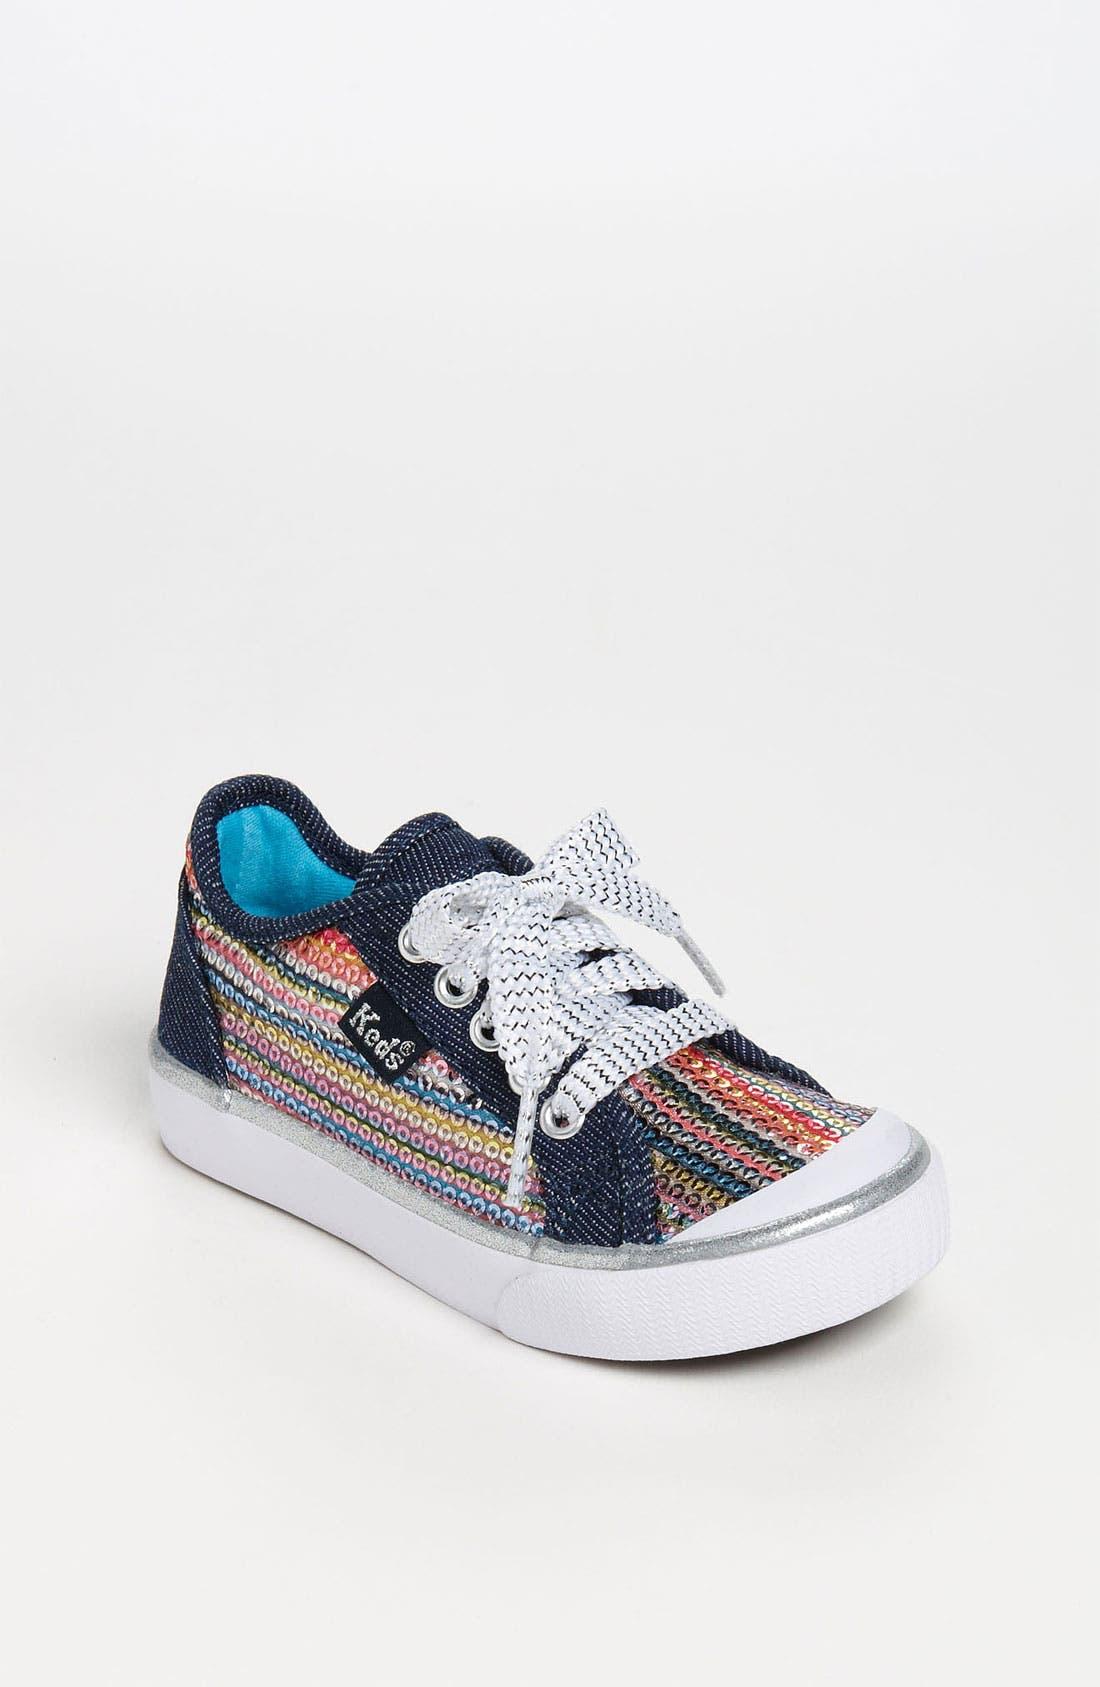 Alternate Image 1 Selected - Keds® 'Brilliance' Sneaker (Walker & Toddler)